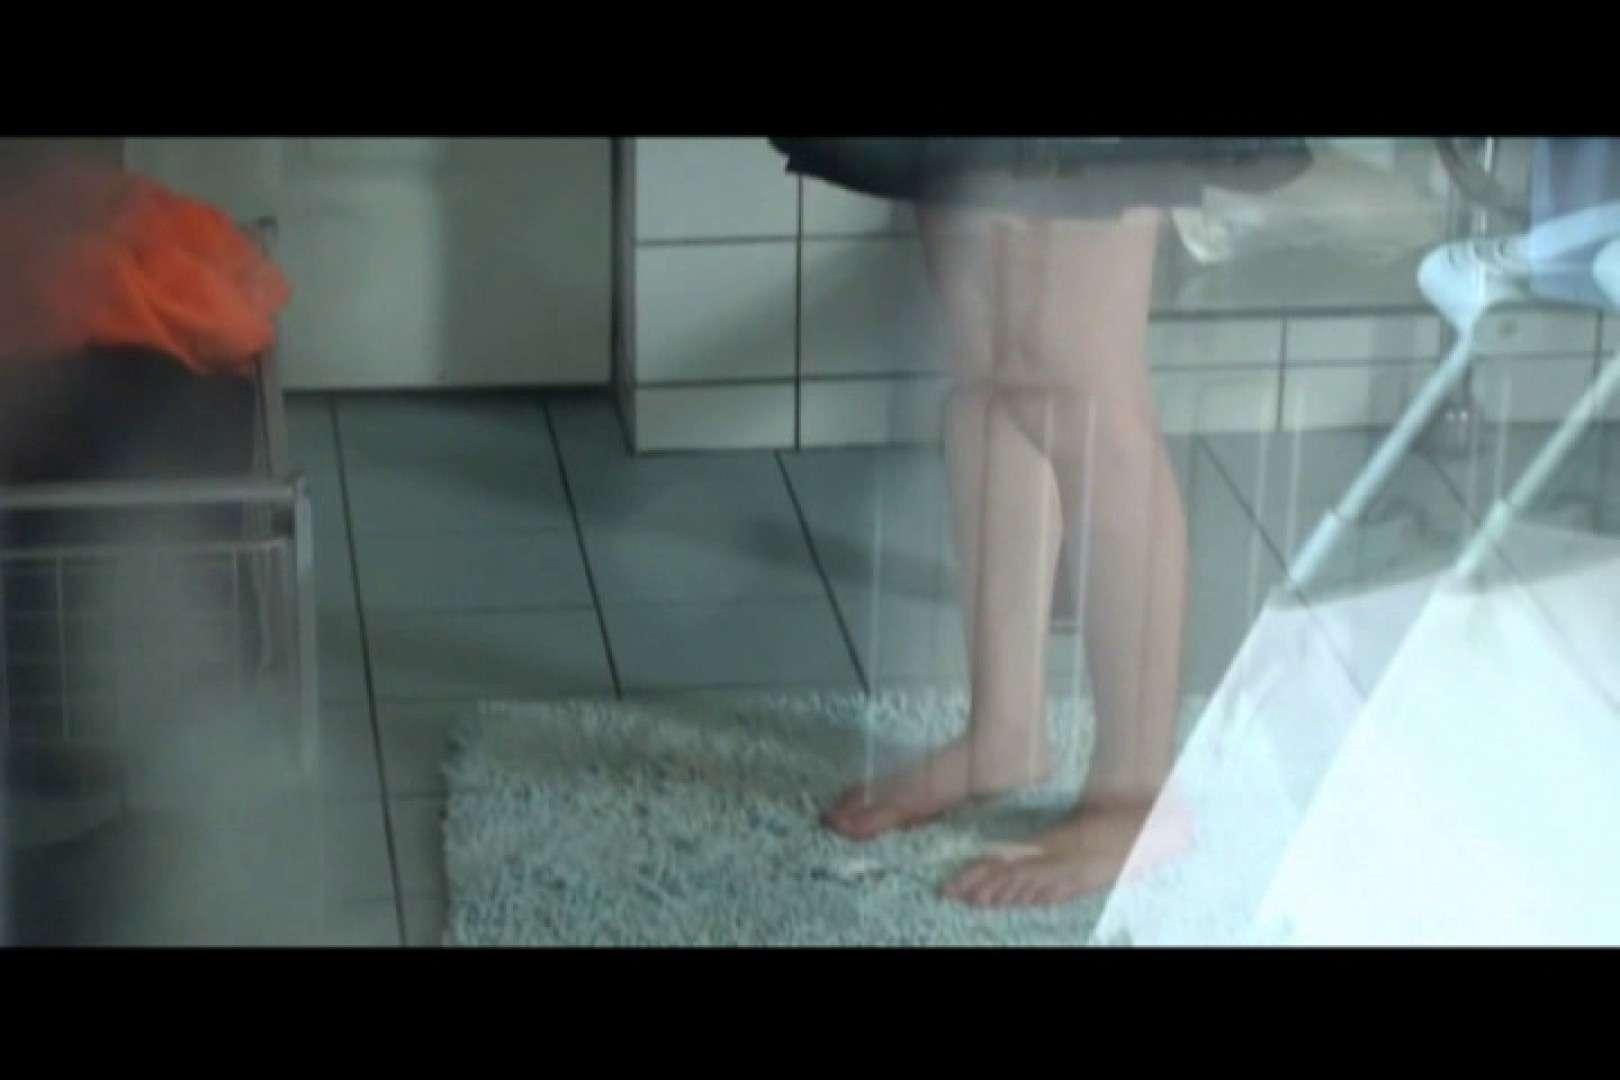 貸切露天 発情カップル! vol.07 露天風呂の女達   カップルのセックス  100連発 23